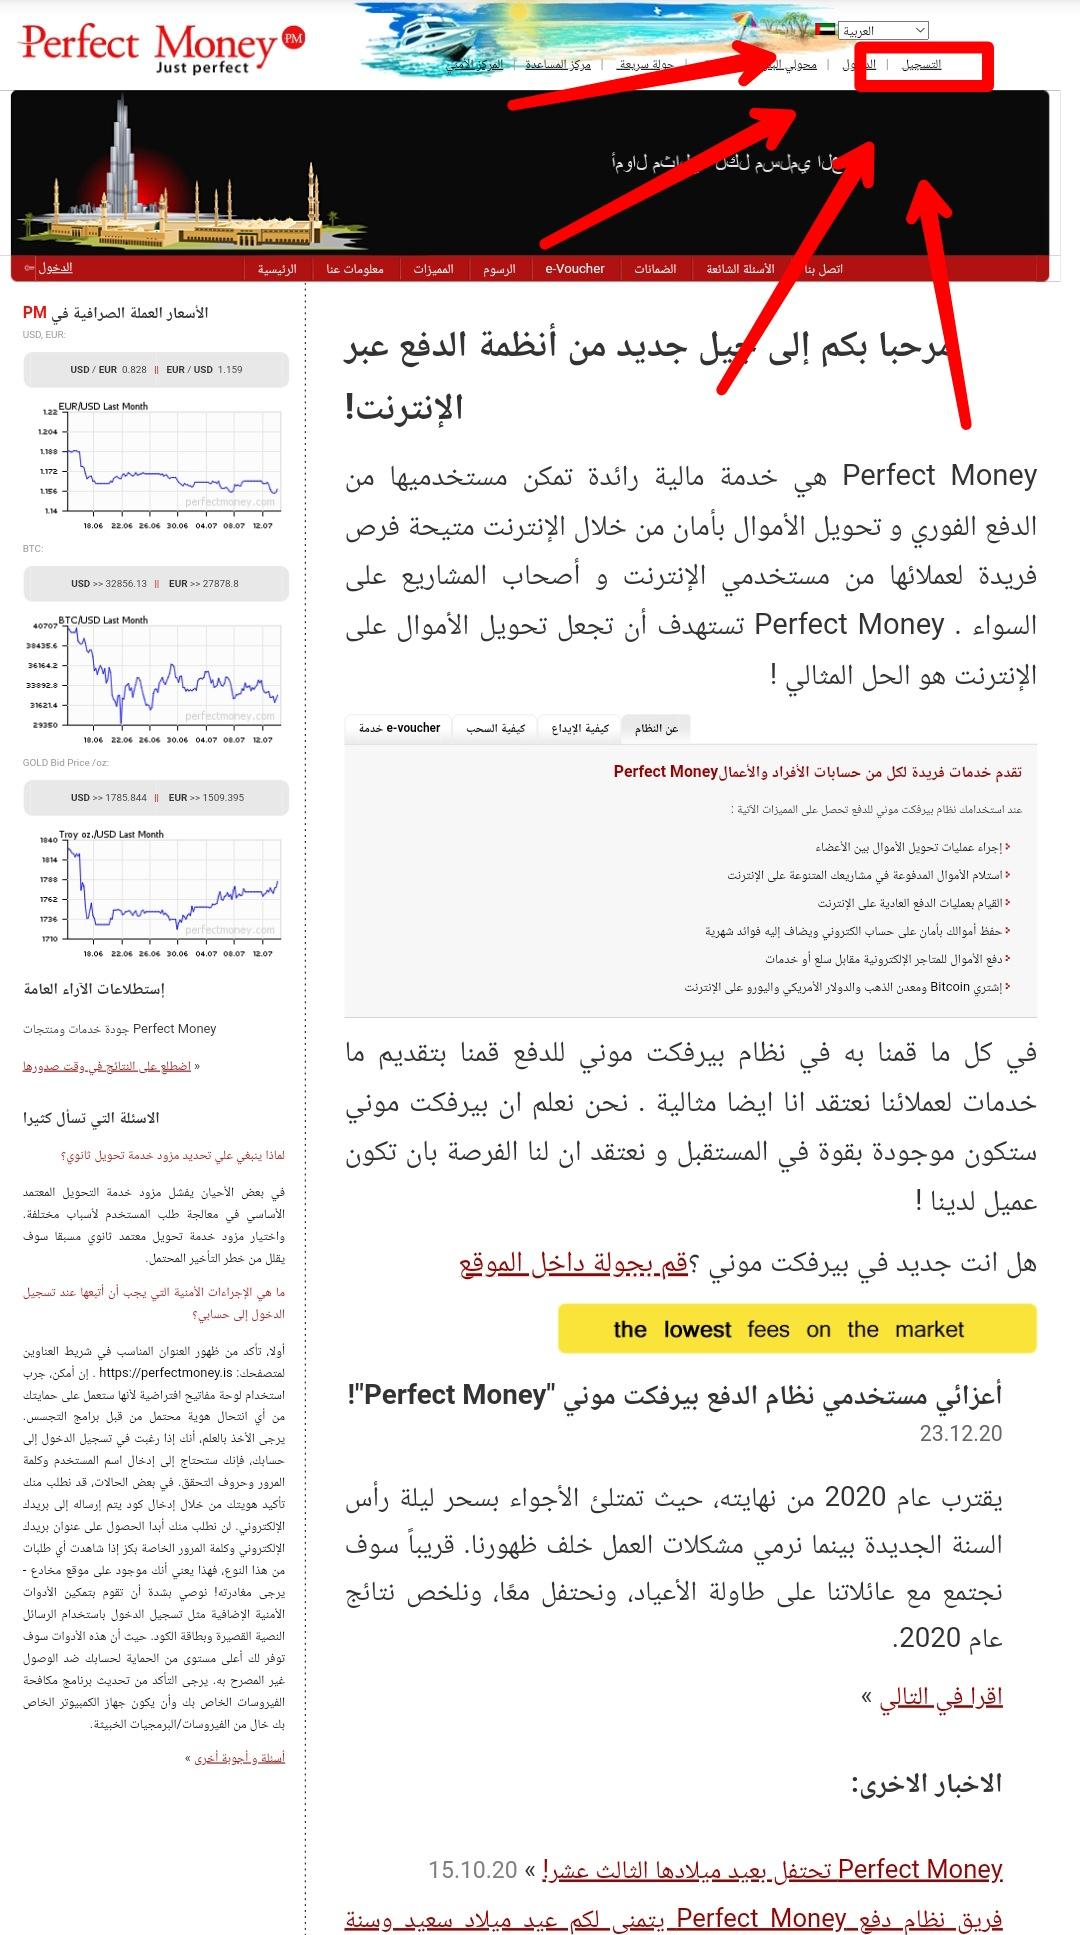 التسجيل في حساب perfact money